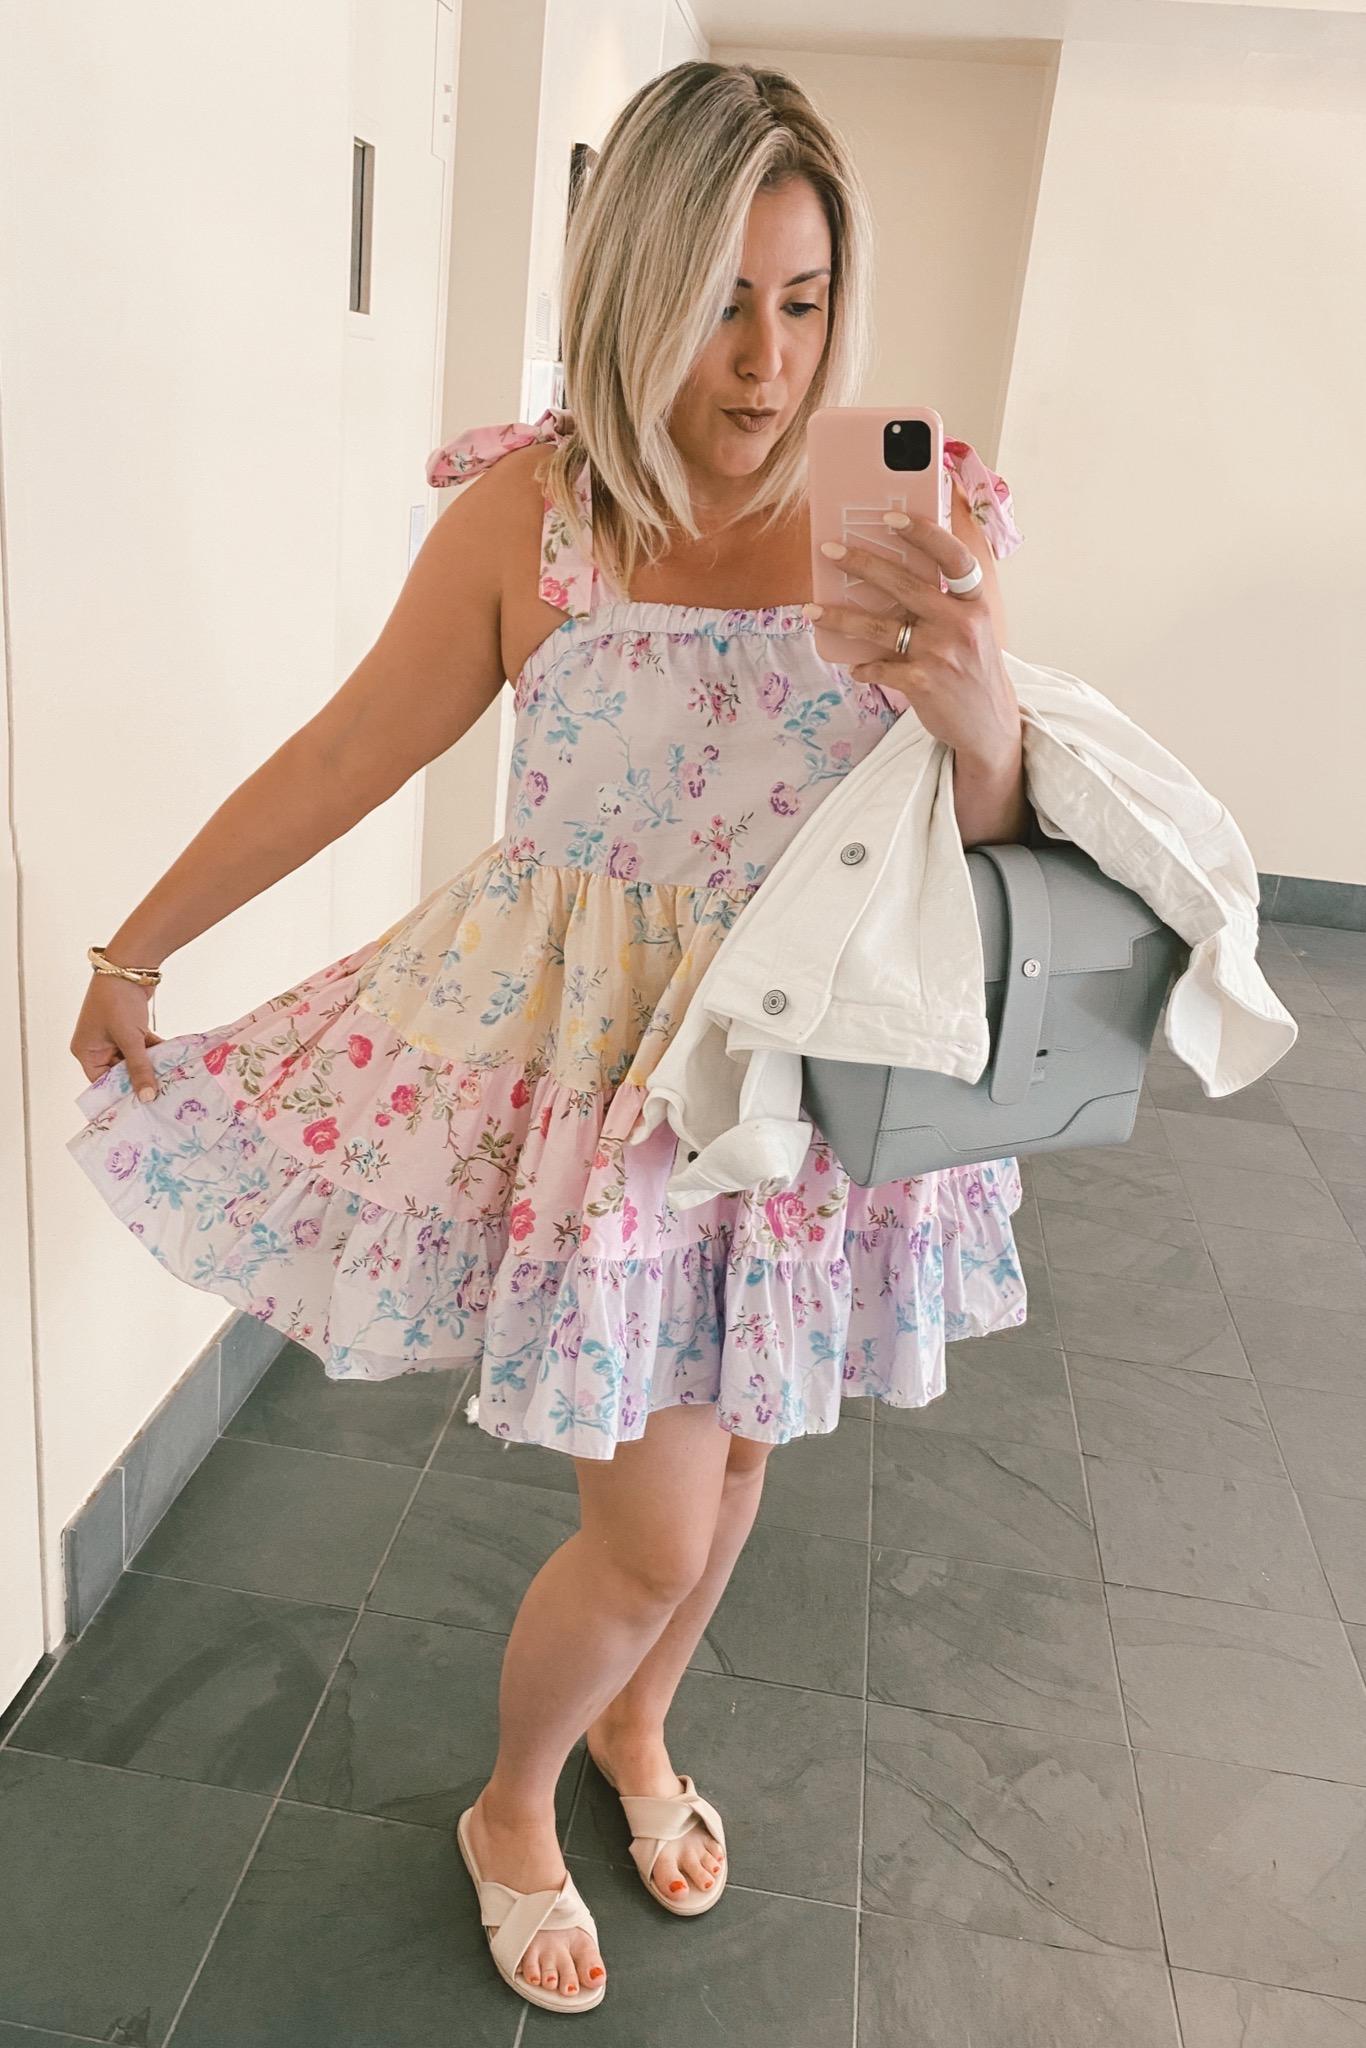 Target Designer Dress Collection, LoveShackFancy for Target Jeanne Tie-Strap Tiered Dress